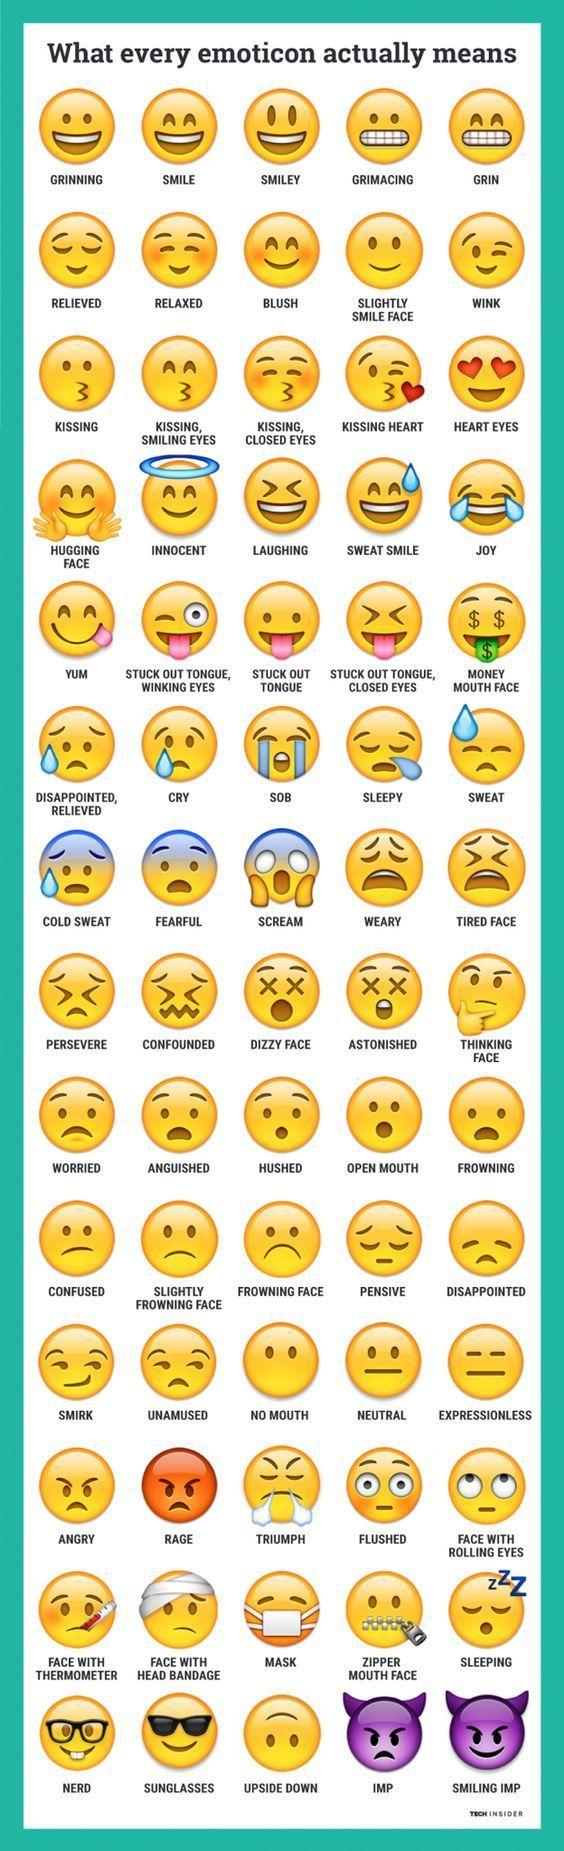 Bedeutung deutsch liste smileys whatsapp CHATZEICHEN: Alle